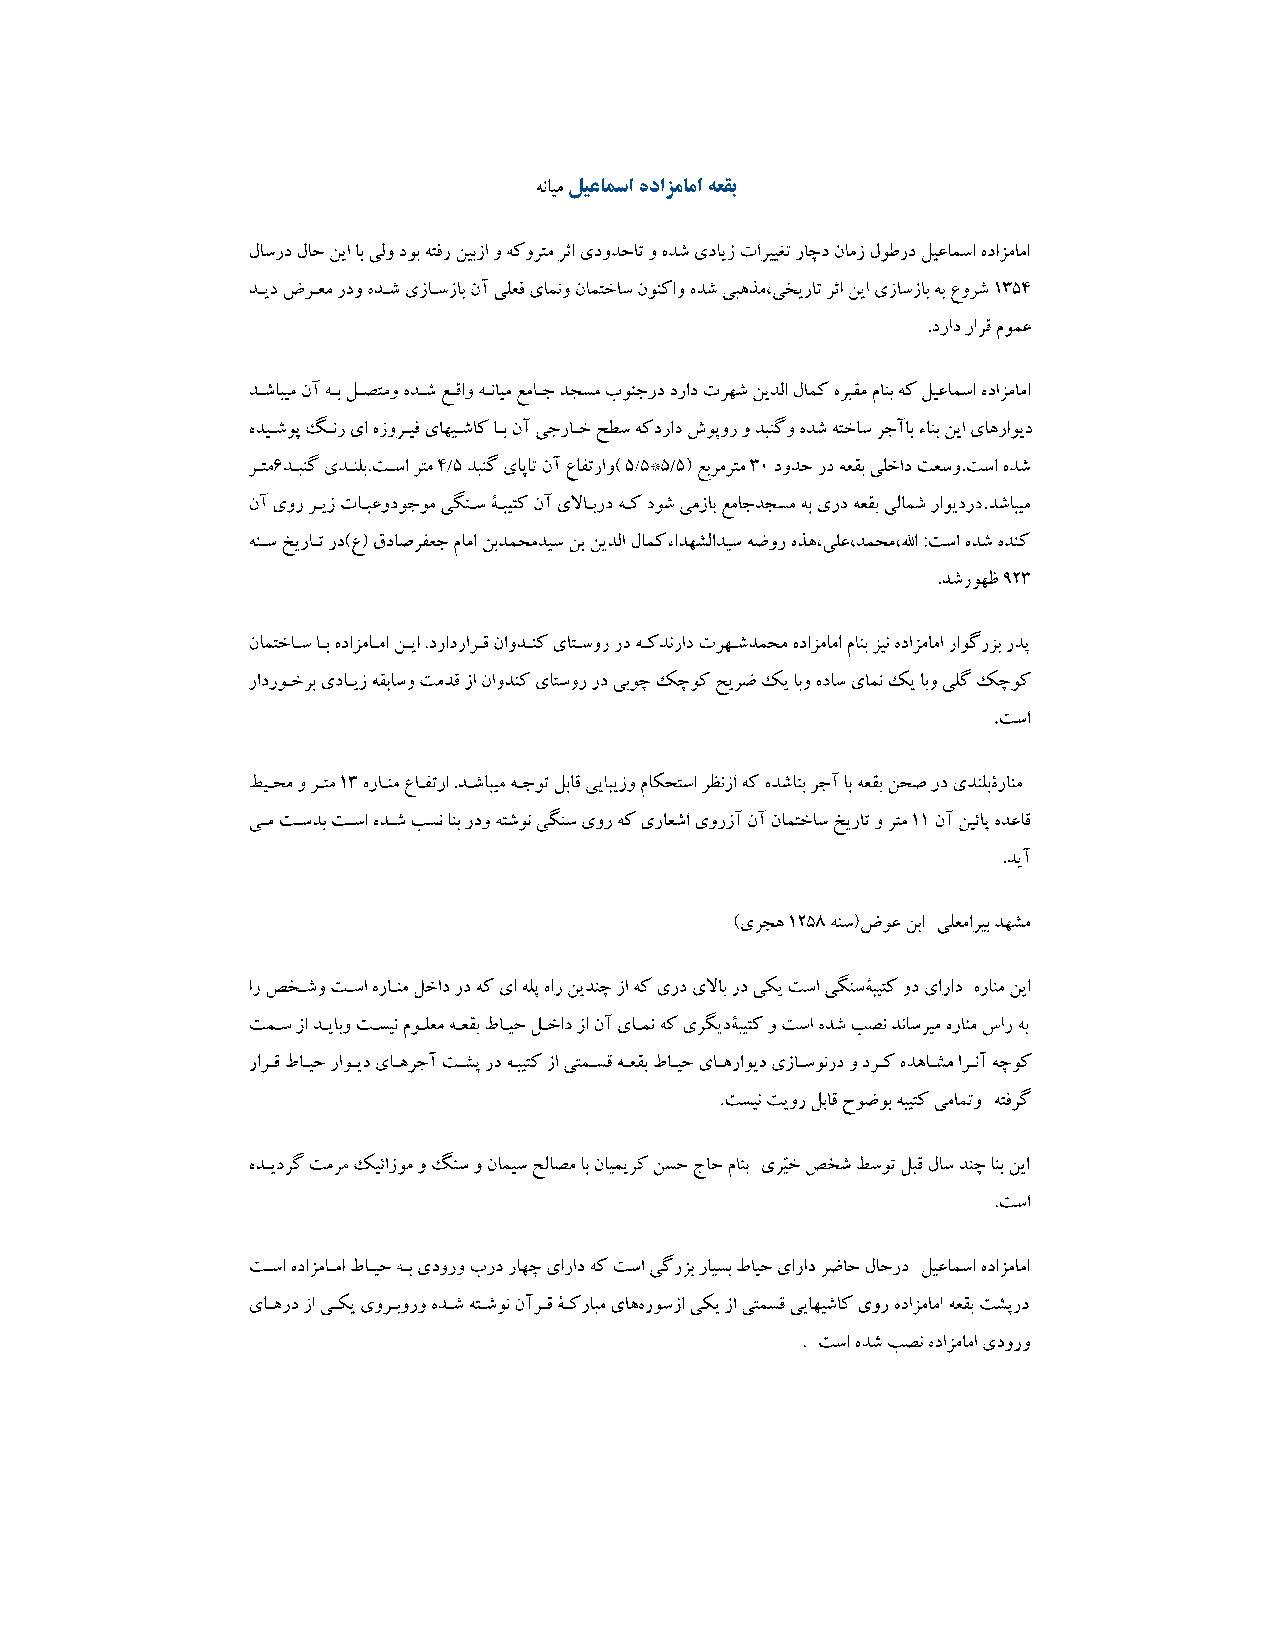 ترجمه مقاله و تحقیق - بقعه امامزاده اسماعیل میانه2